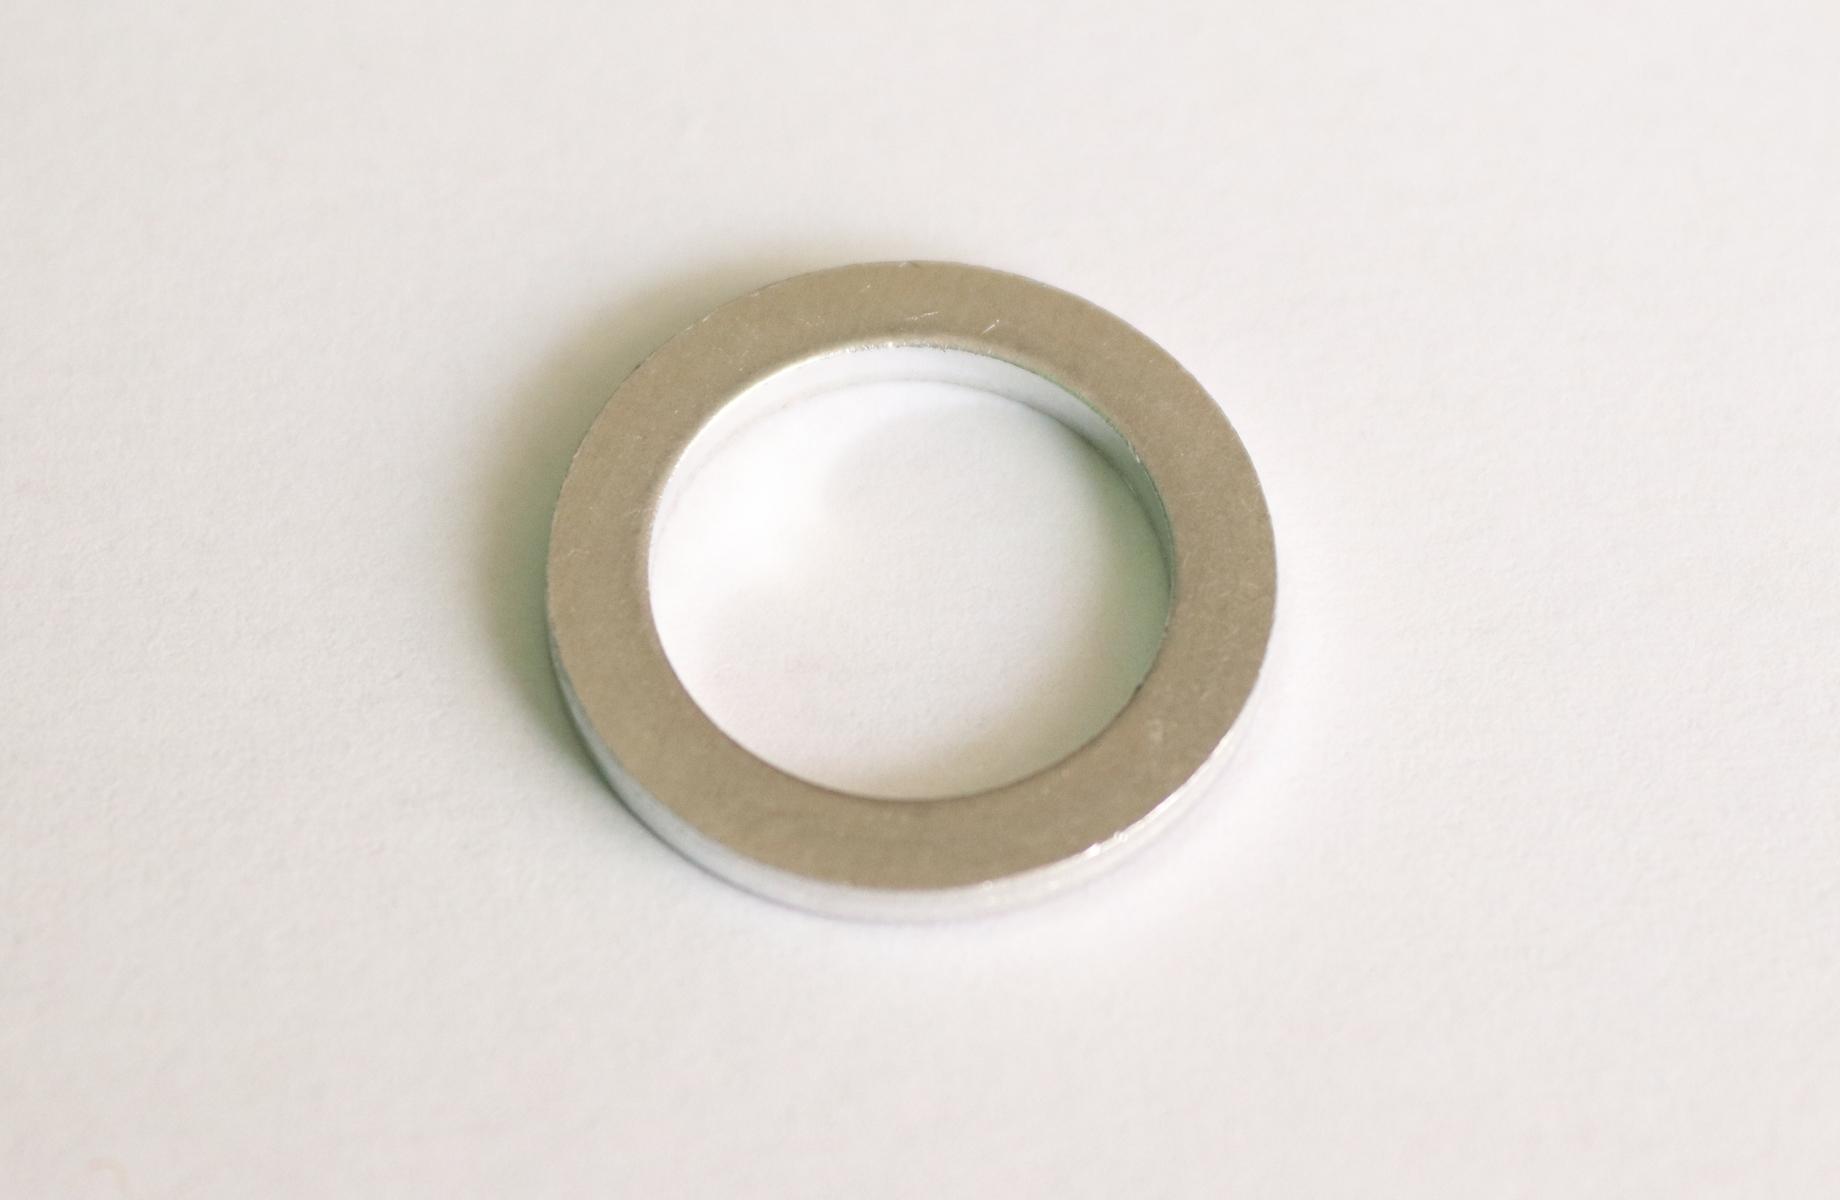 Těsnicí kroužek hliníkový, průměr 14/20 mm, tloušťka 2 mm, pro Hyundai a KIA